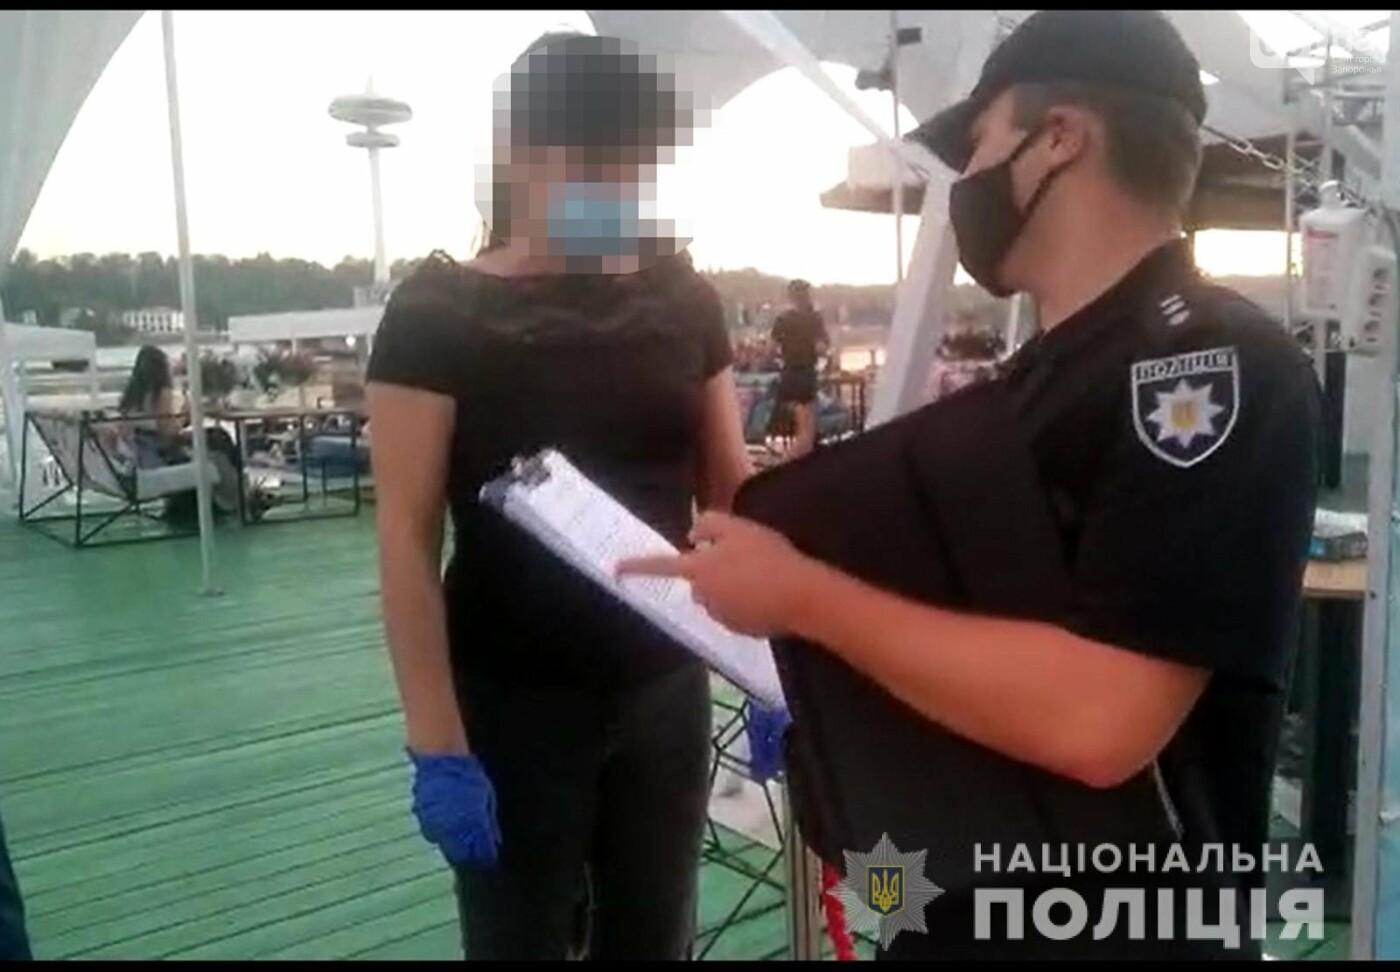 В Запорожье полиция составила протоколы на 30 ночных развлекательных заведений - они работали после 23:00, фото-1